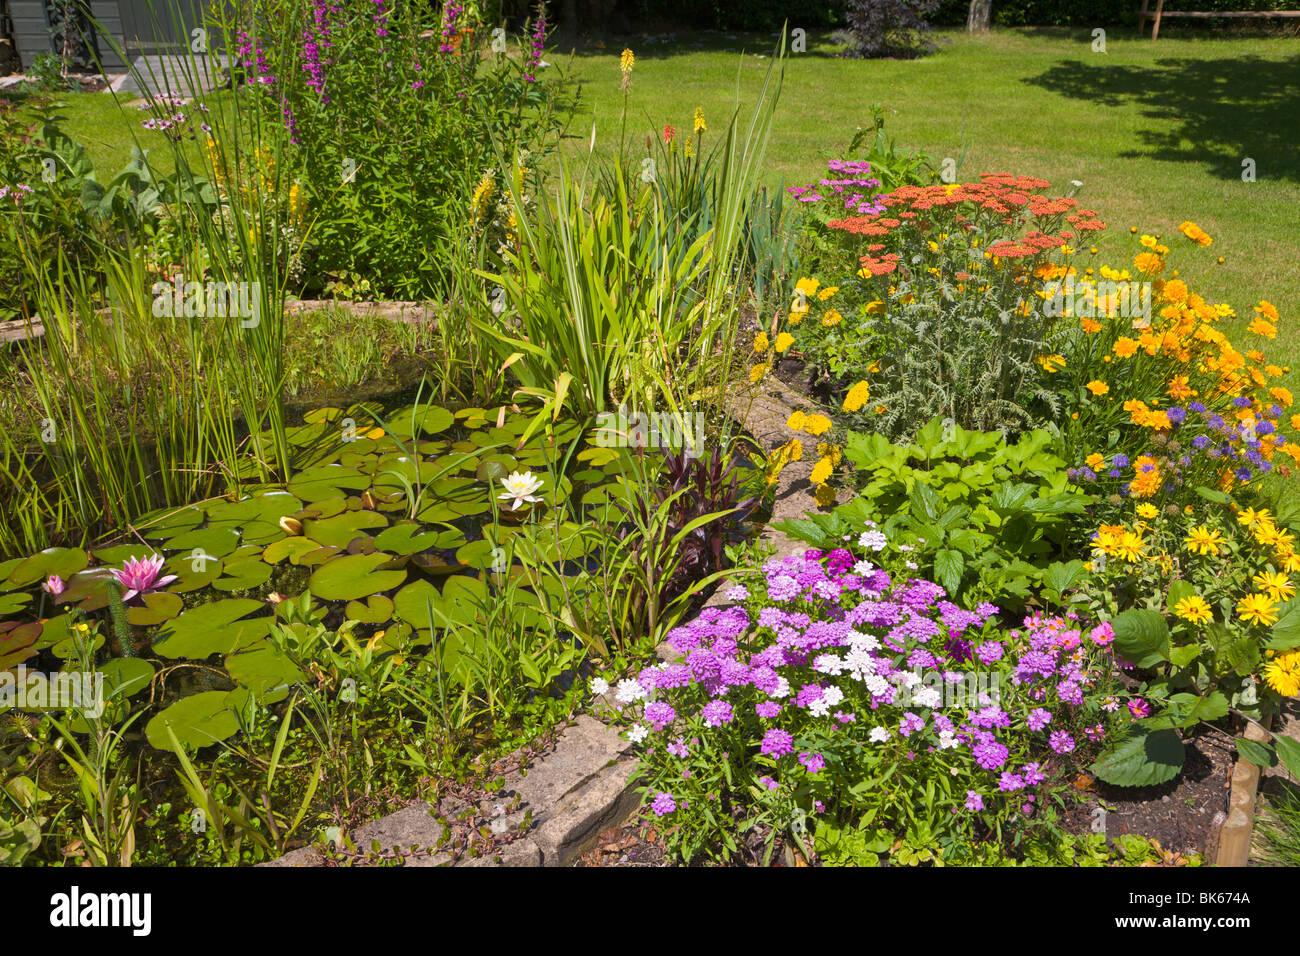 Fiori perenni bordo intorno a un laghetto in giardino, Wirral, Inghilterra Foto Stock